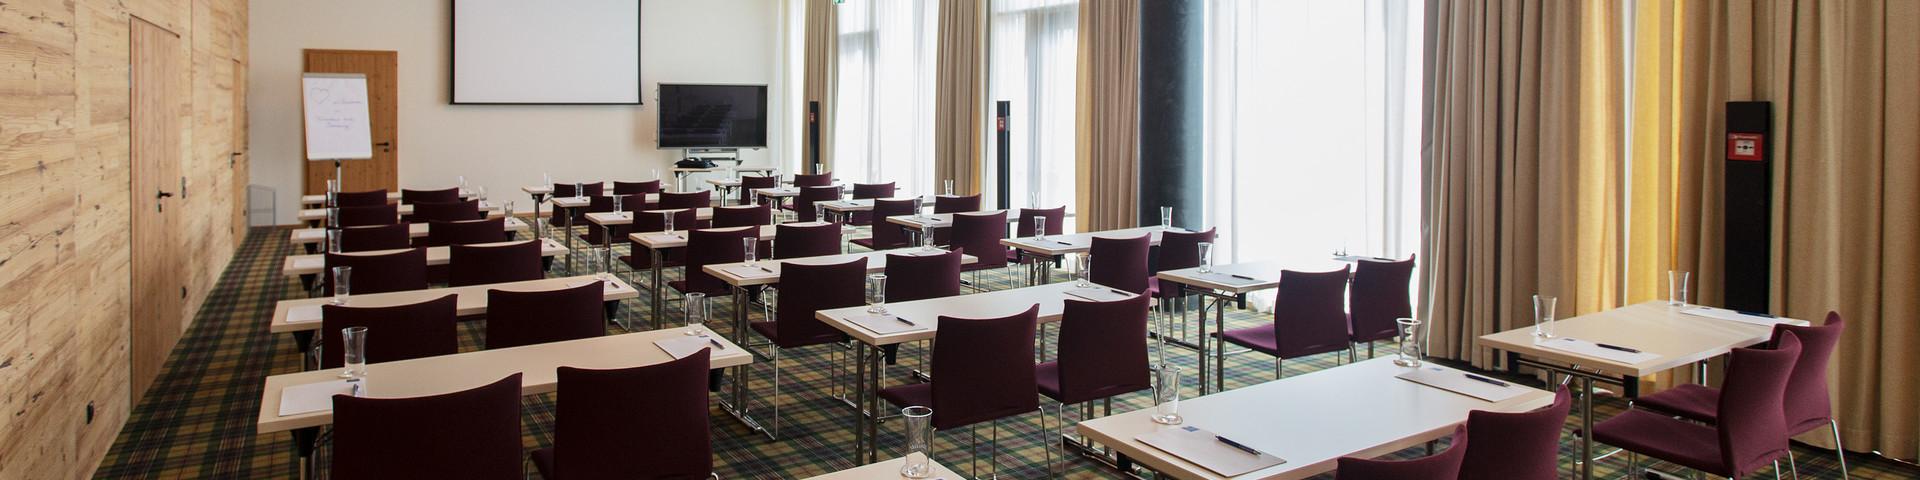 Falkensteiner Hotel Schladming - Seminarraum Parlamentbestuhlung  © Falkensteiner Hotels & Residences